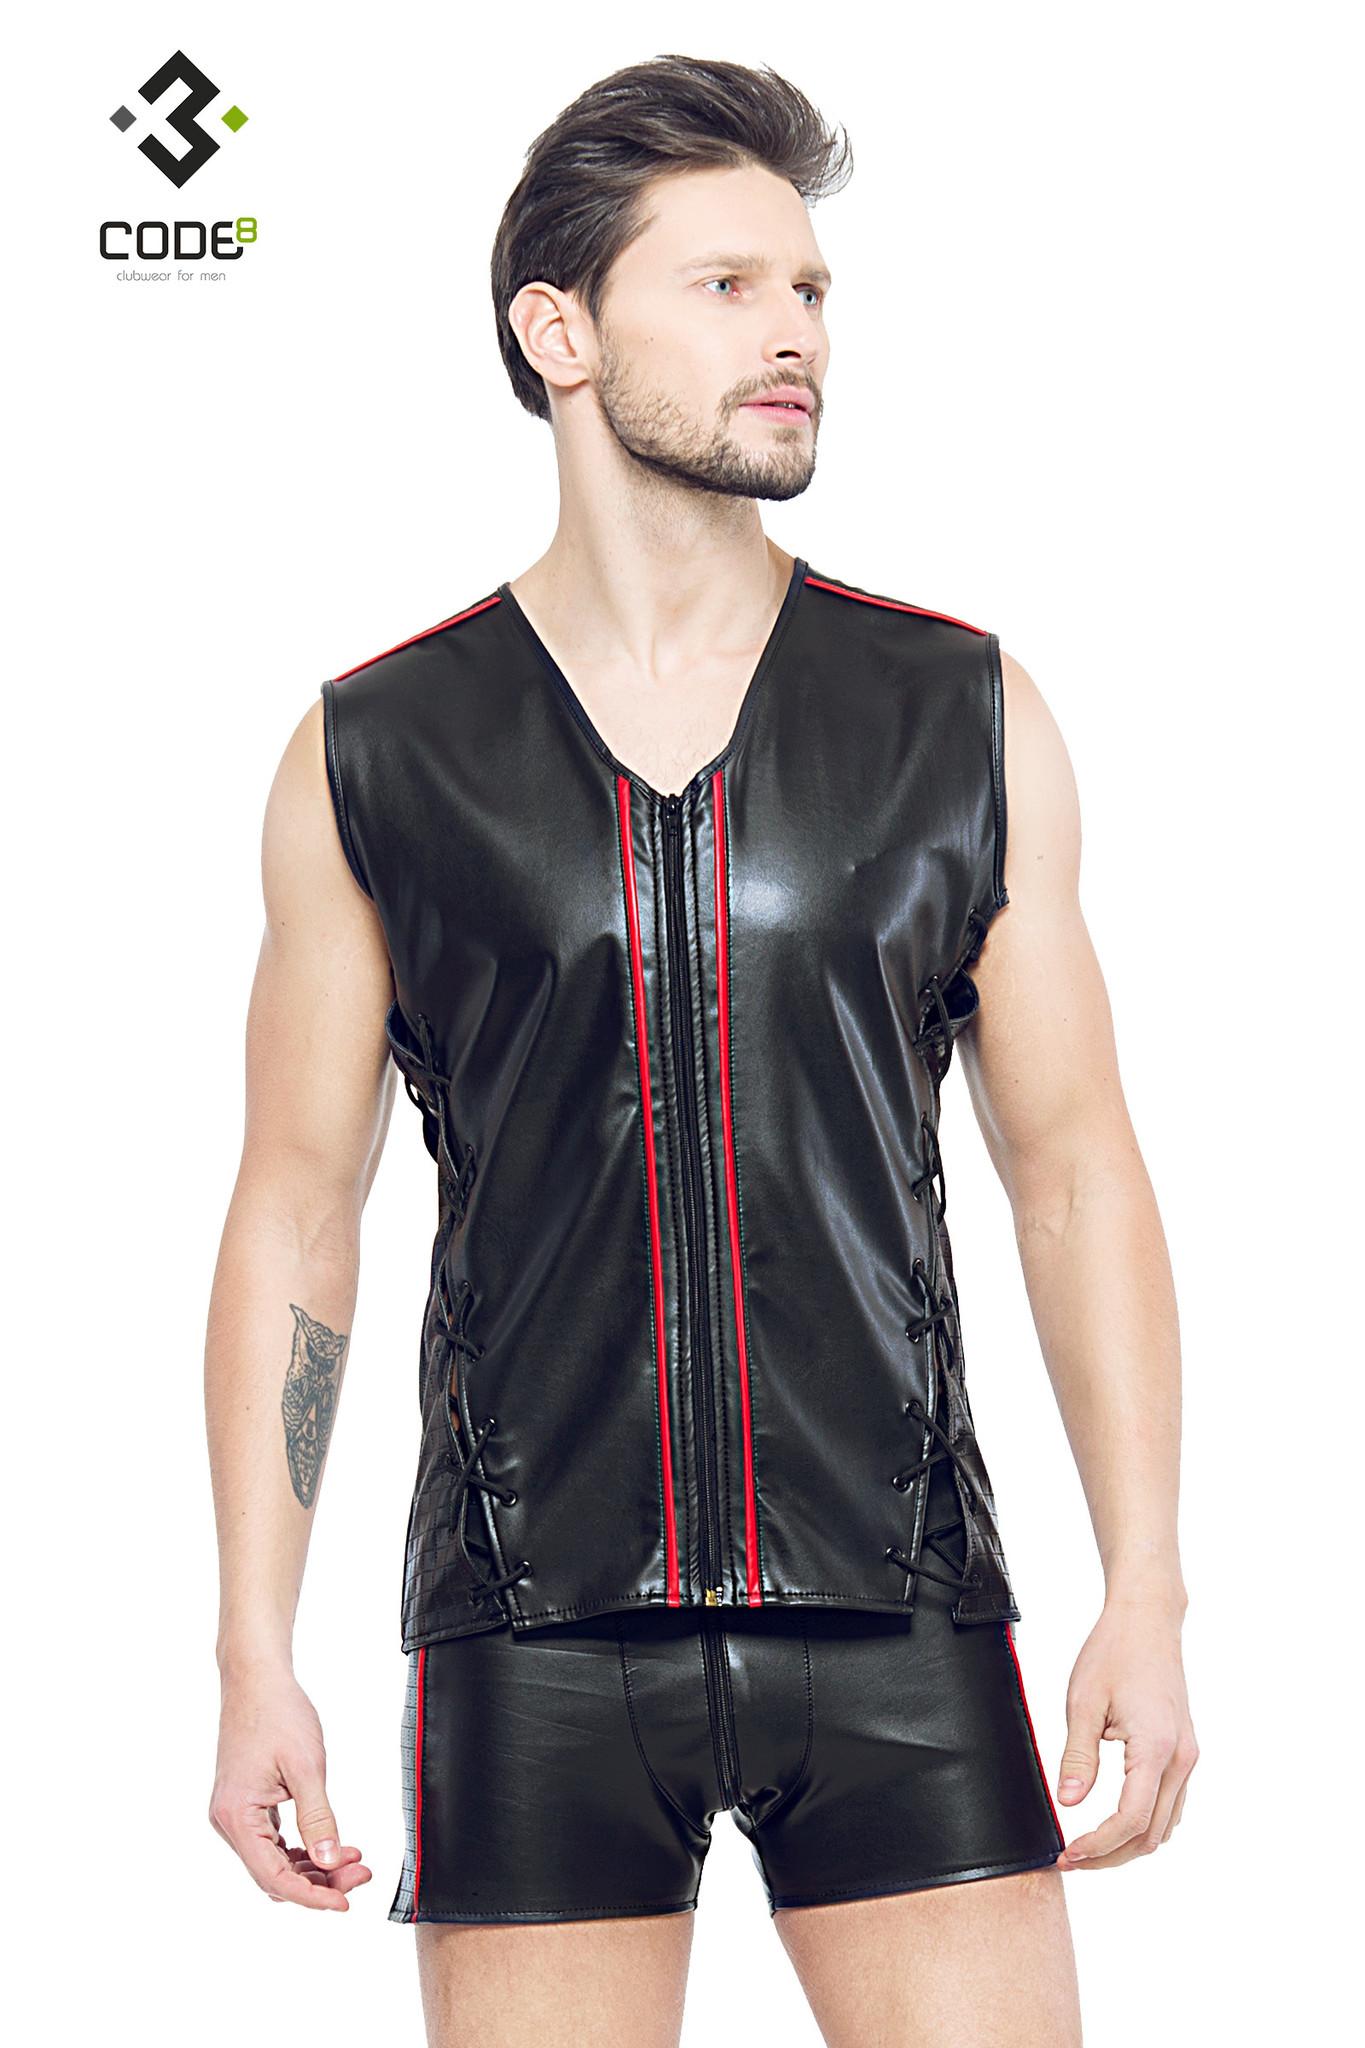 * Code8 by XXX COLLECTION Eco-leder mouwloos shirt met rood gekleurde biezen